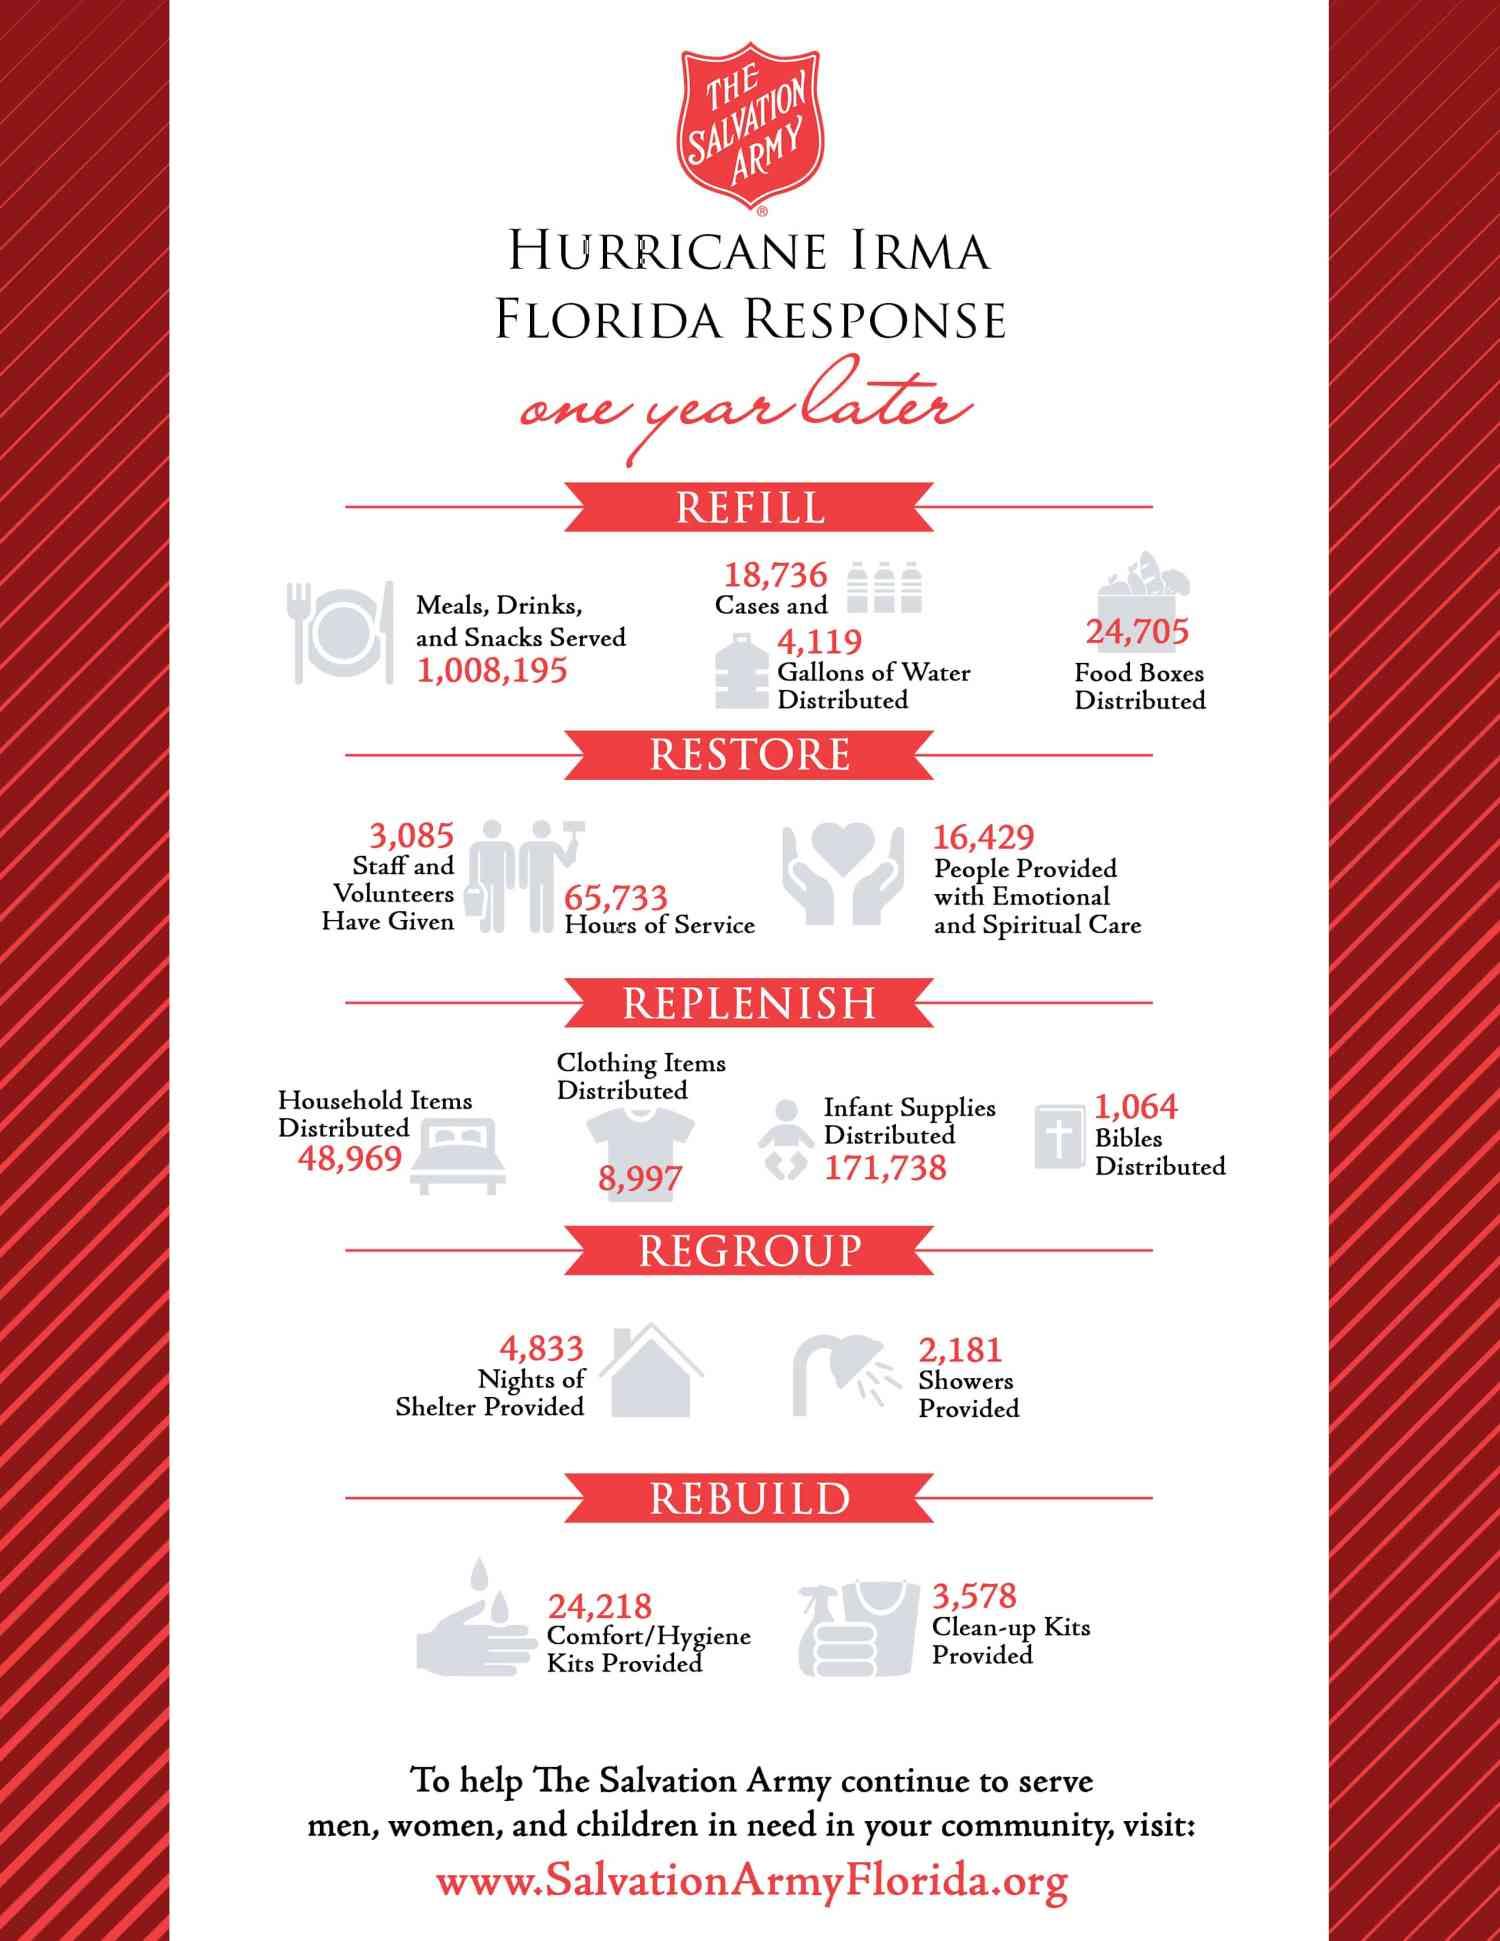 hurricane irma infographic